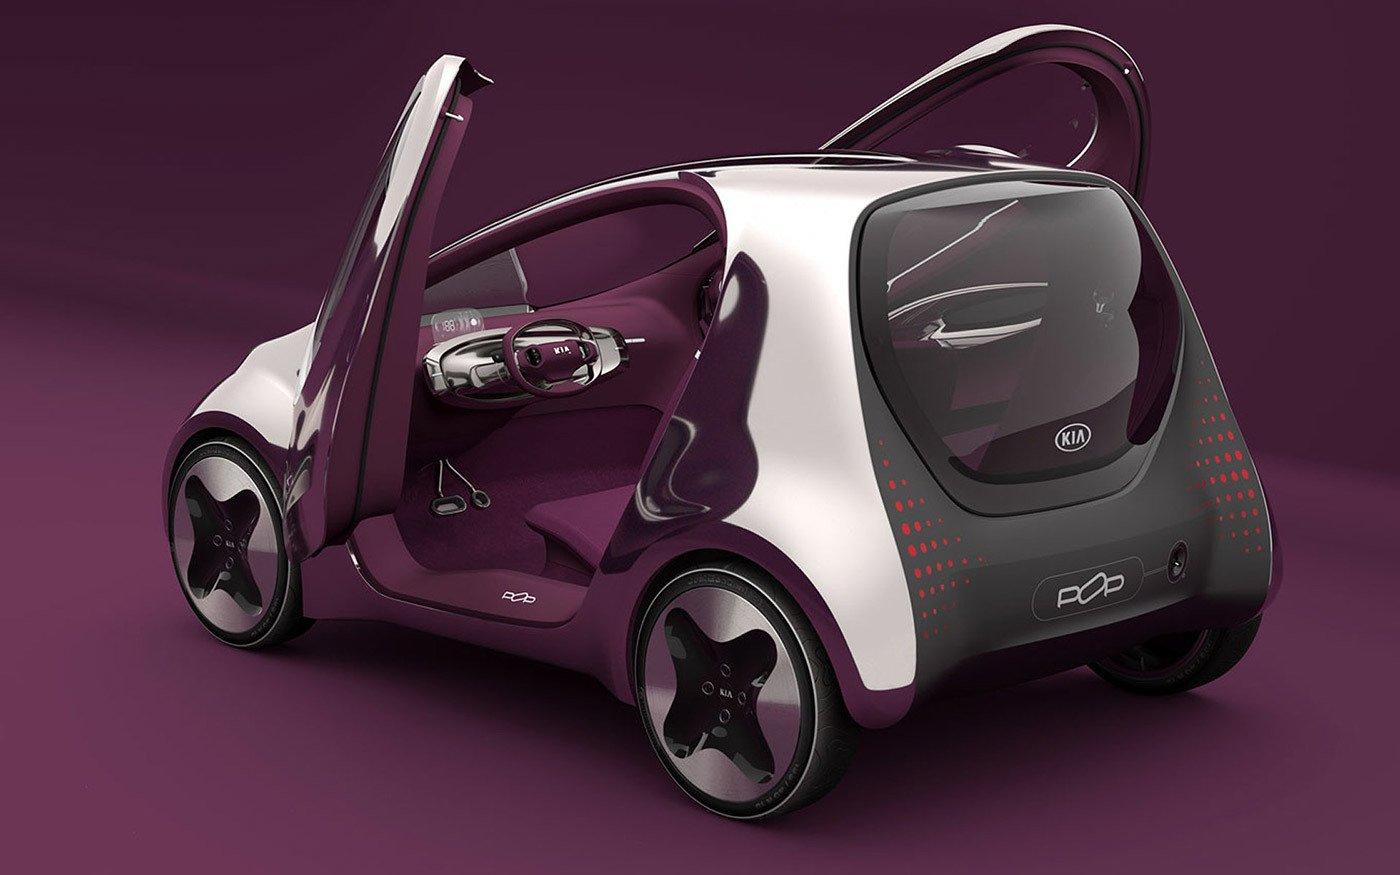 2010-kia-pop-1400-1